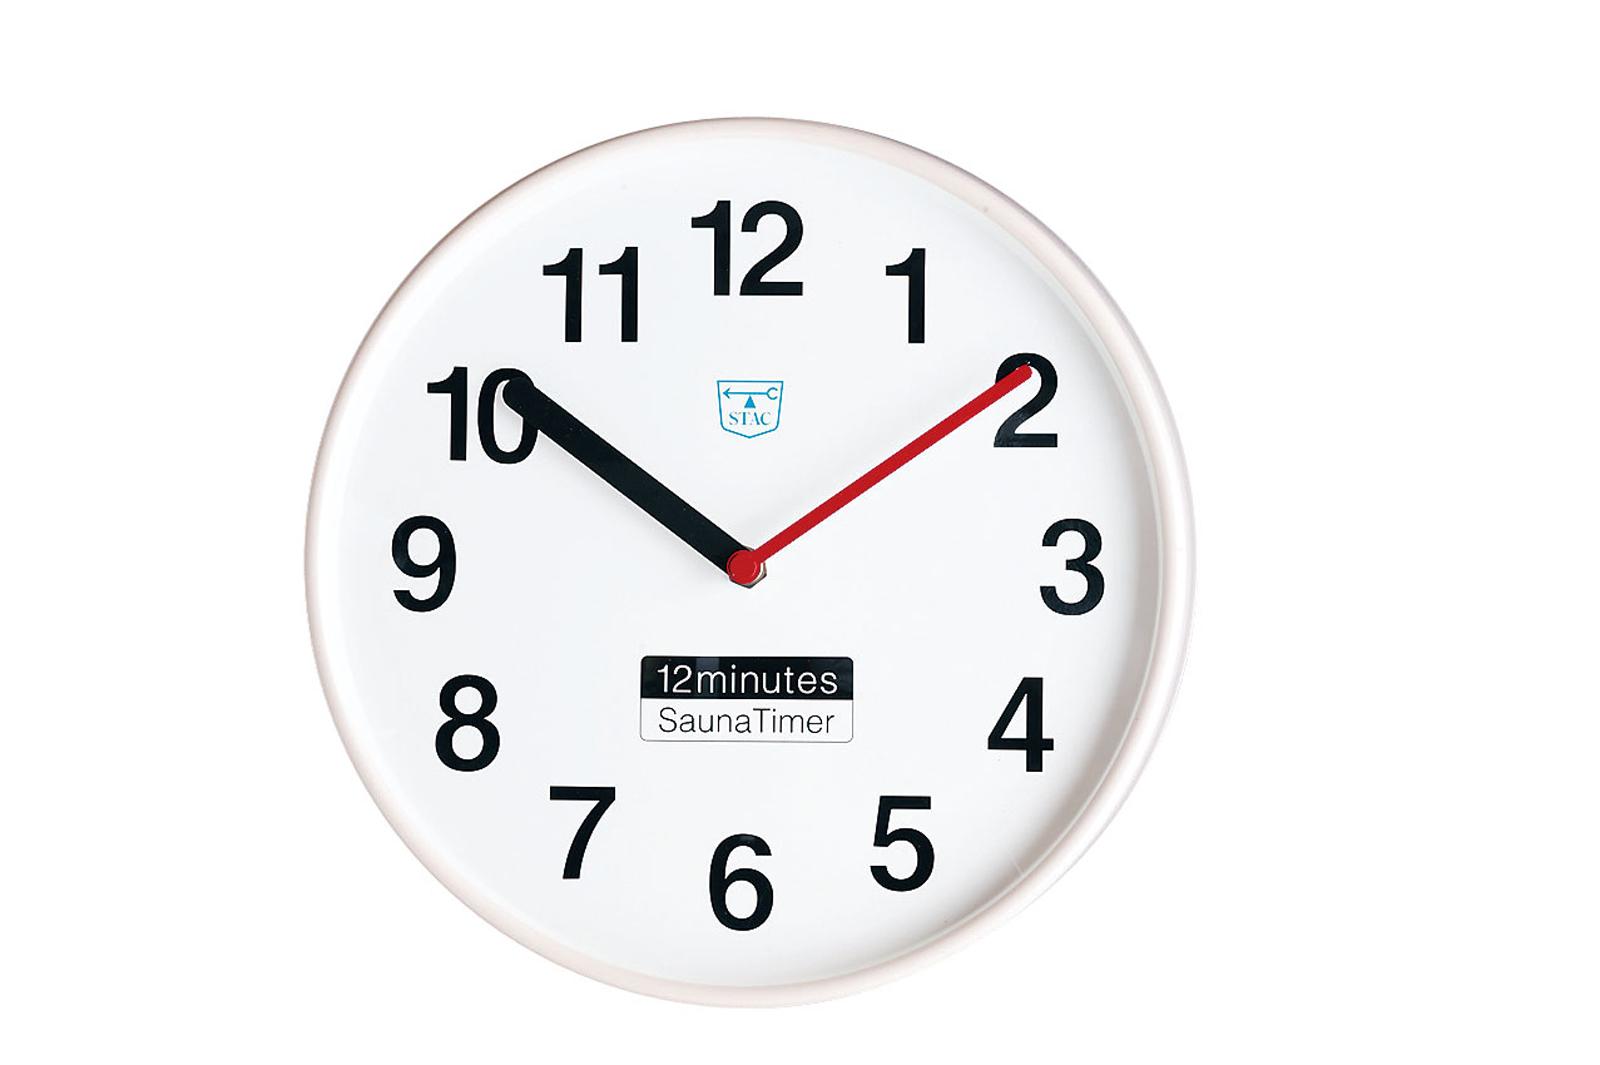 サウナタイマー 12分計 STAC 50Hz 6-2252-0201【インテリア ホテル 旅館用品 浴室用品 業務用 販売 通販】[10P03Dec16]